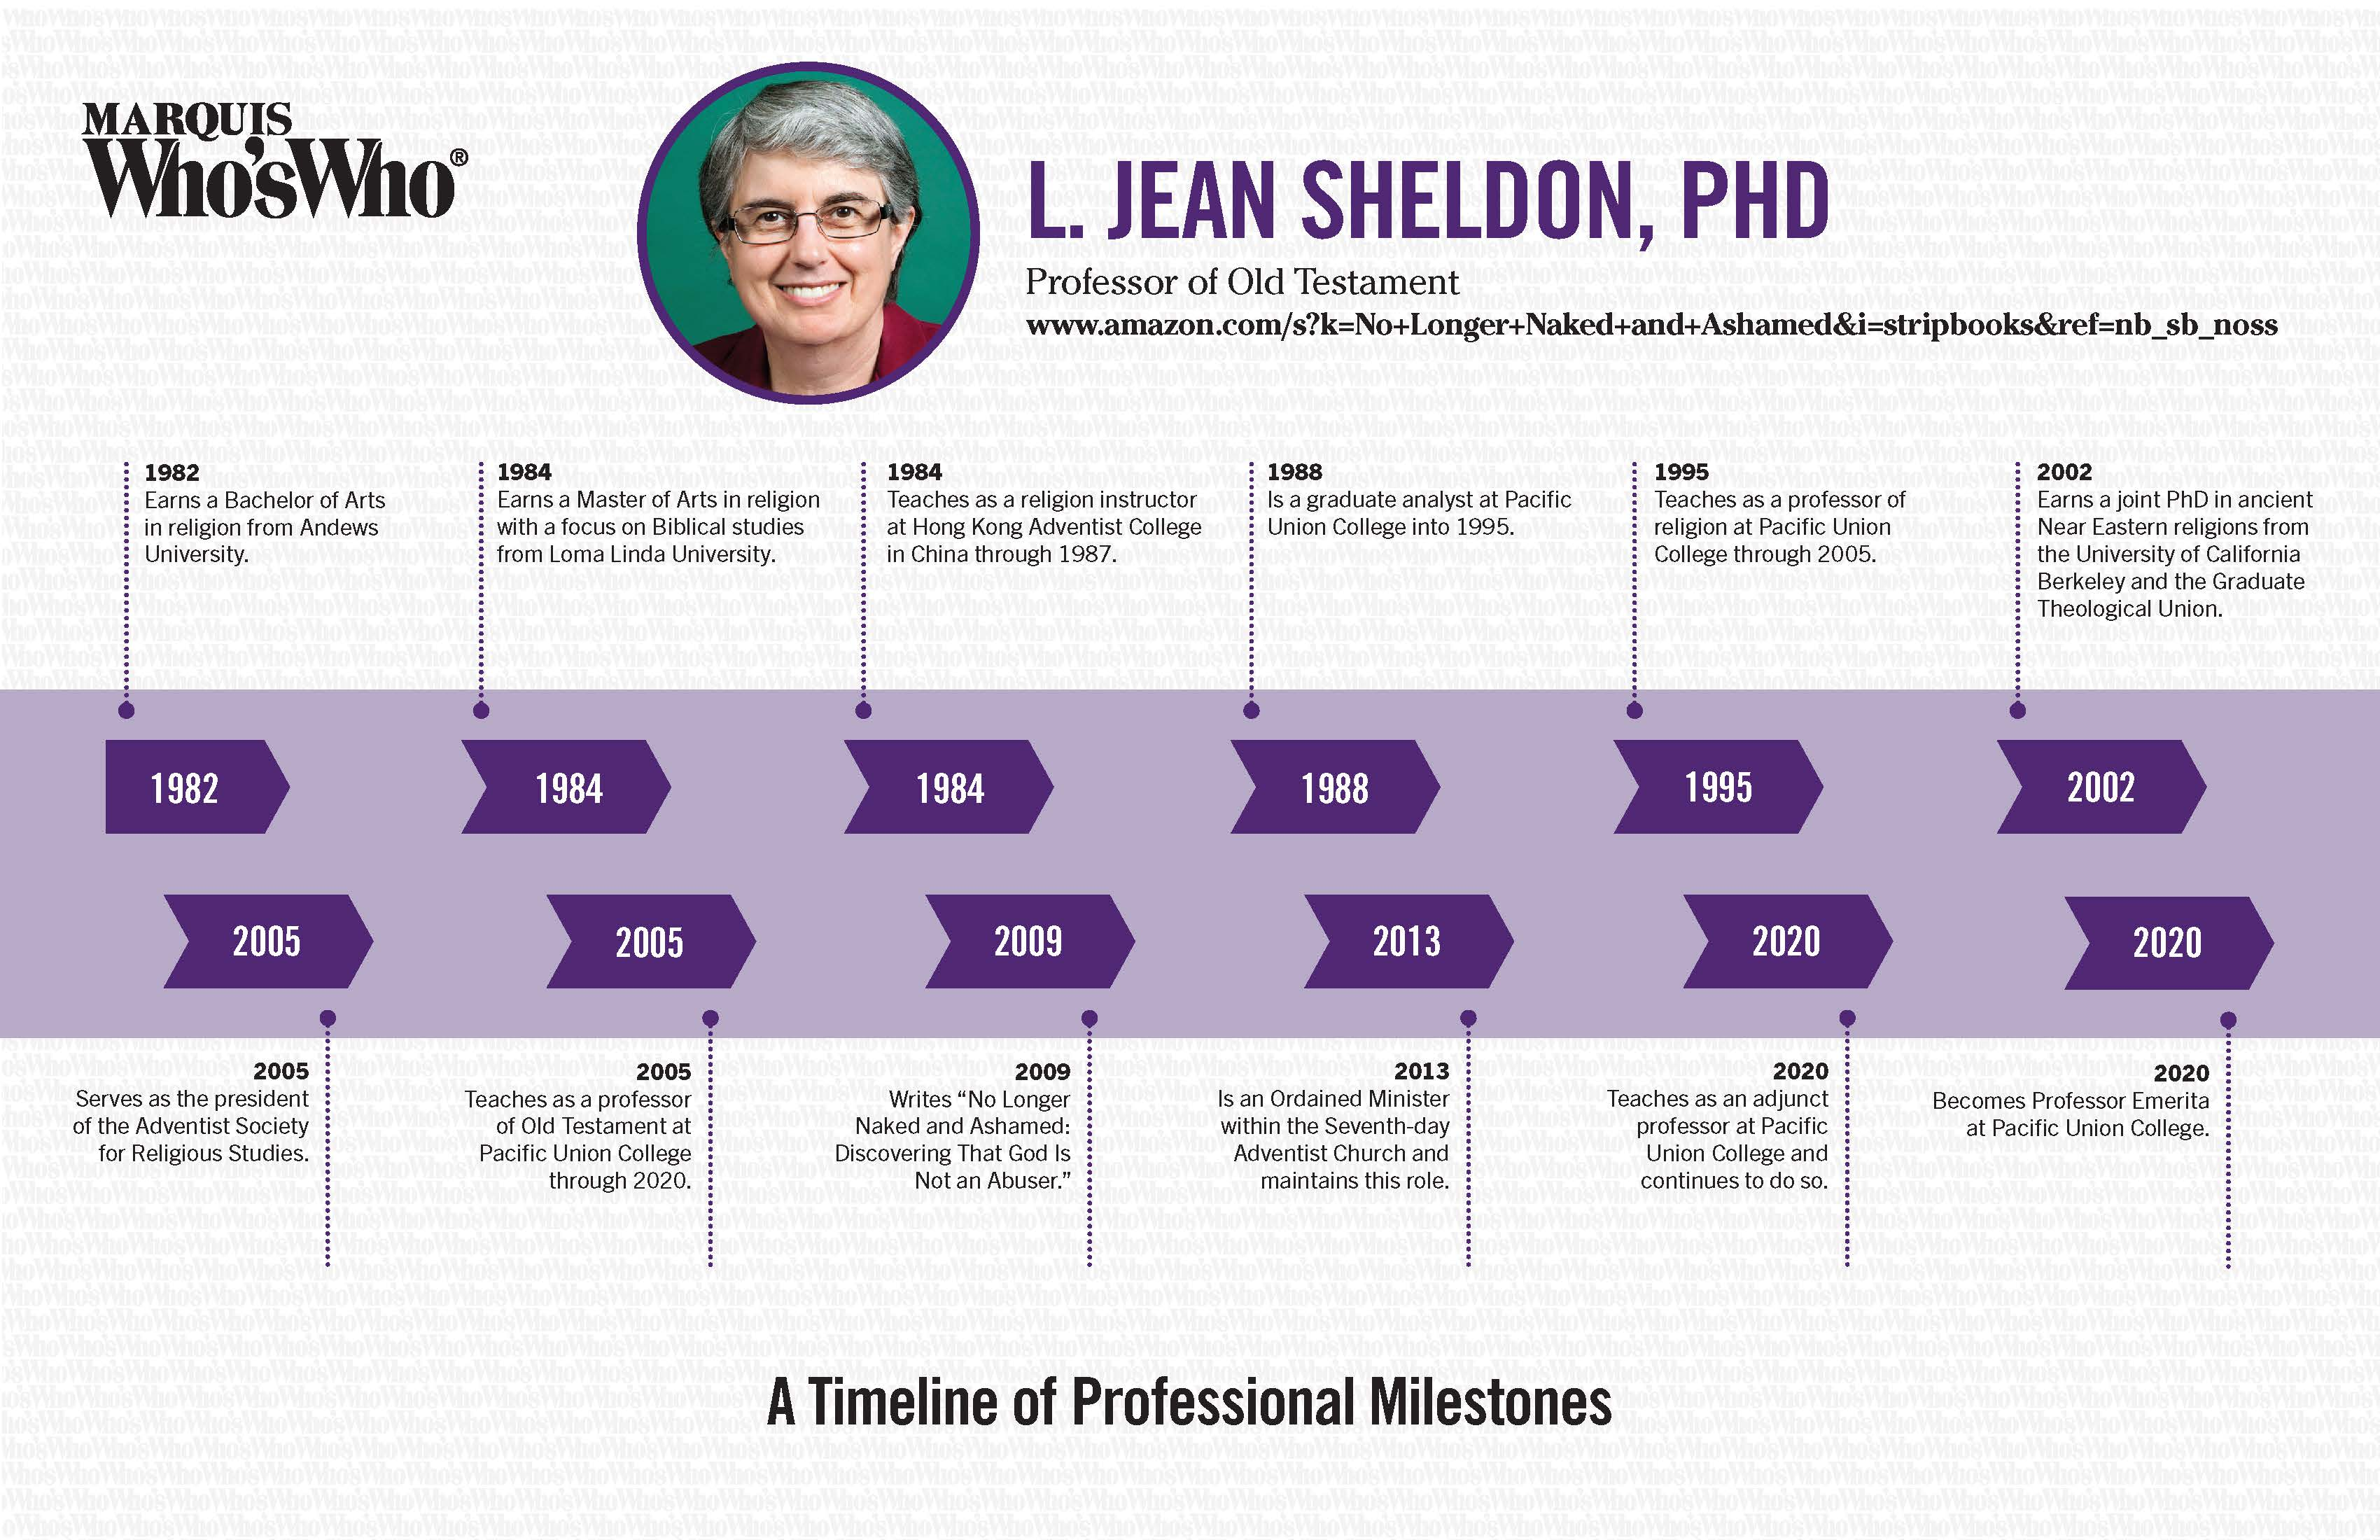 L. Jean Sheldon